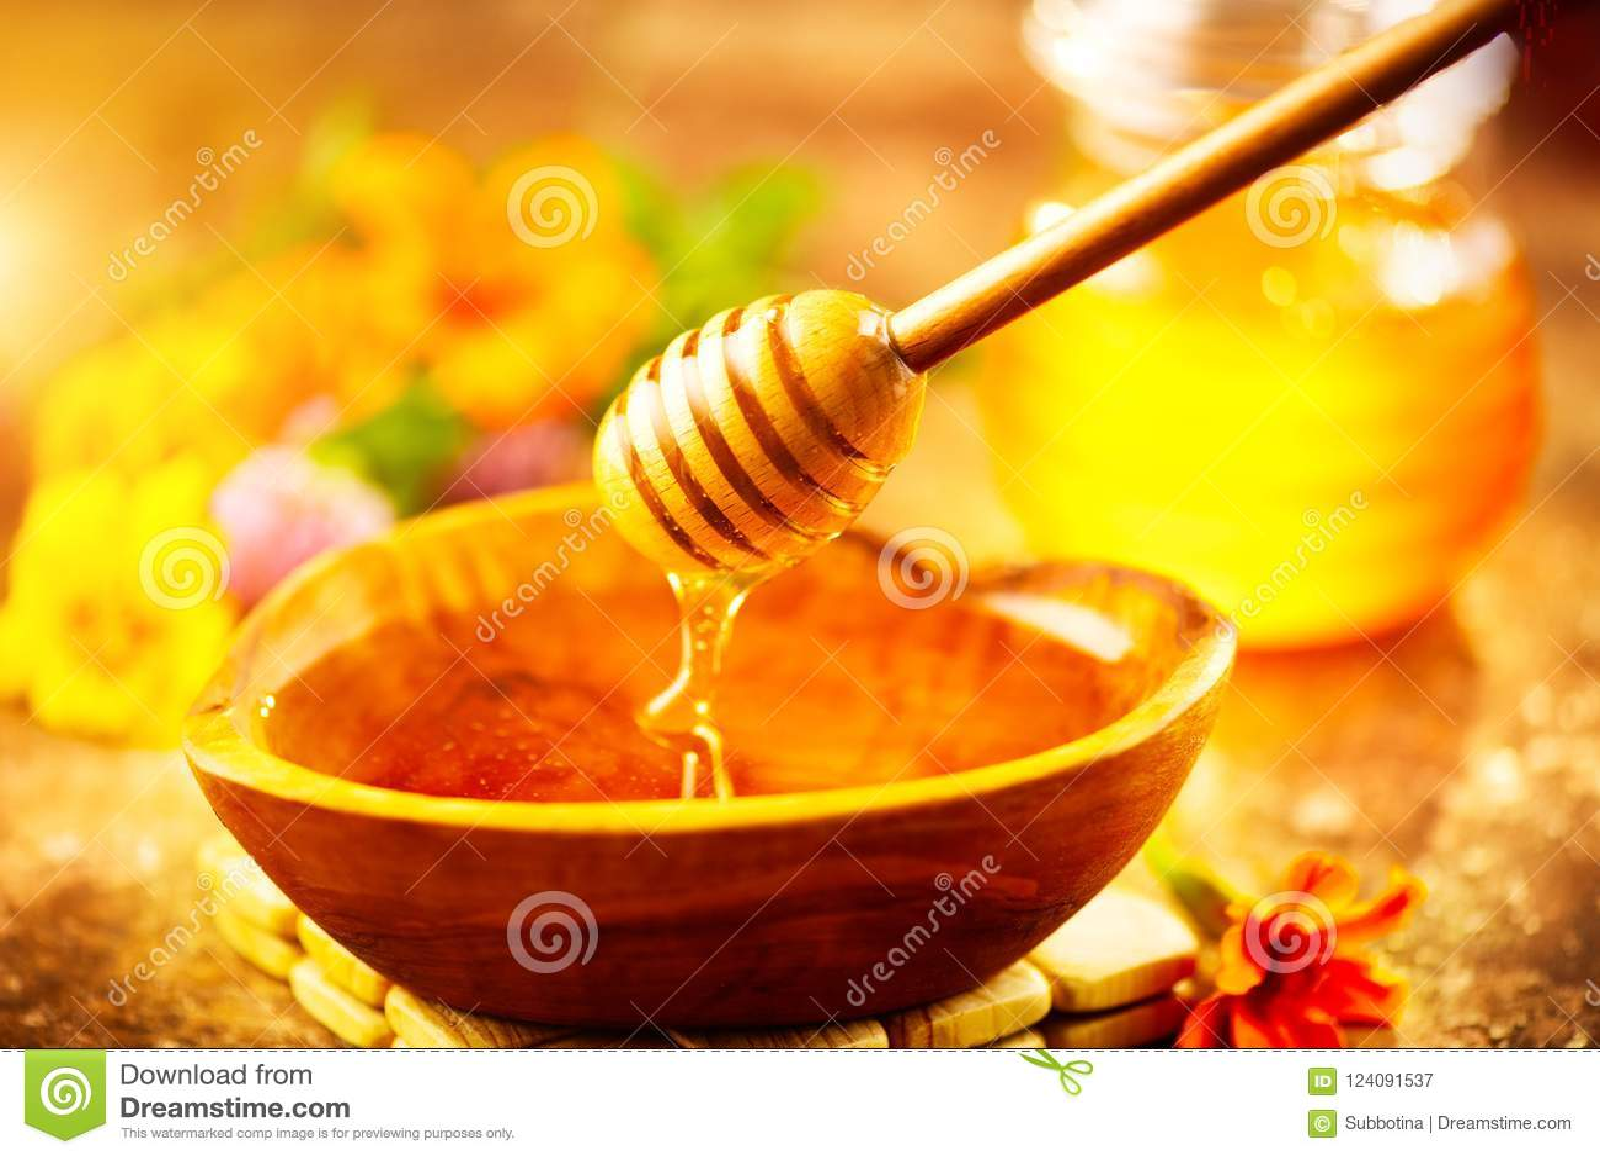 Капание меда от ковша меда в деревянном шаре Здоровый органический толстый мед лить от деревянной ложки меда